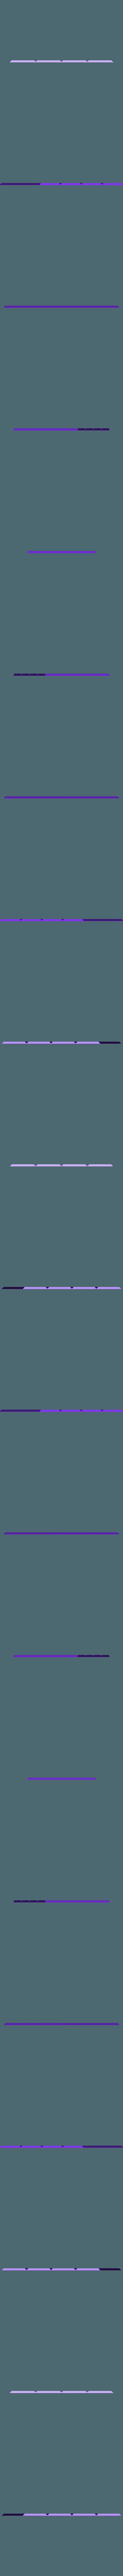 16mm_4faces.STL Download STL file SNCF lighting pylon • 3D printable object, dede34500